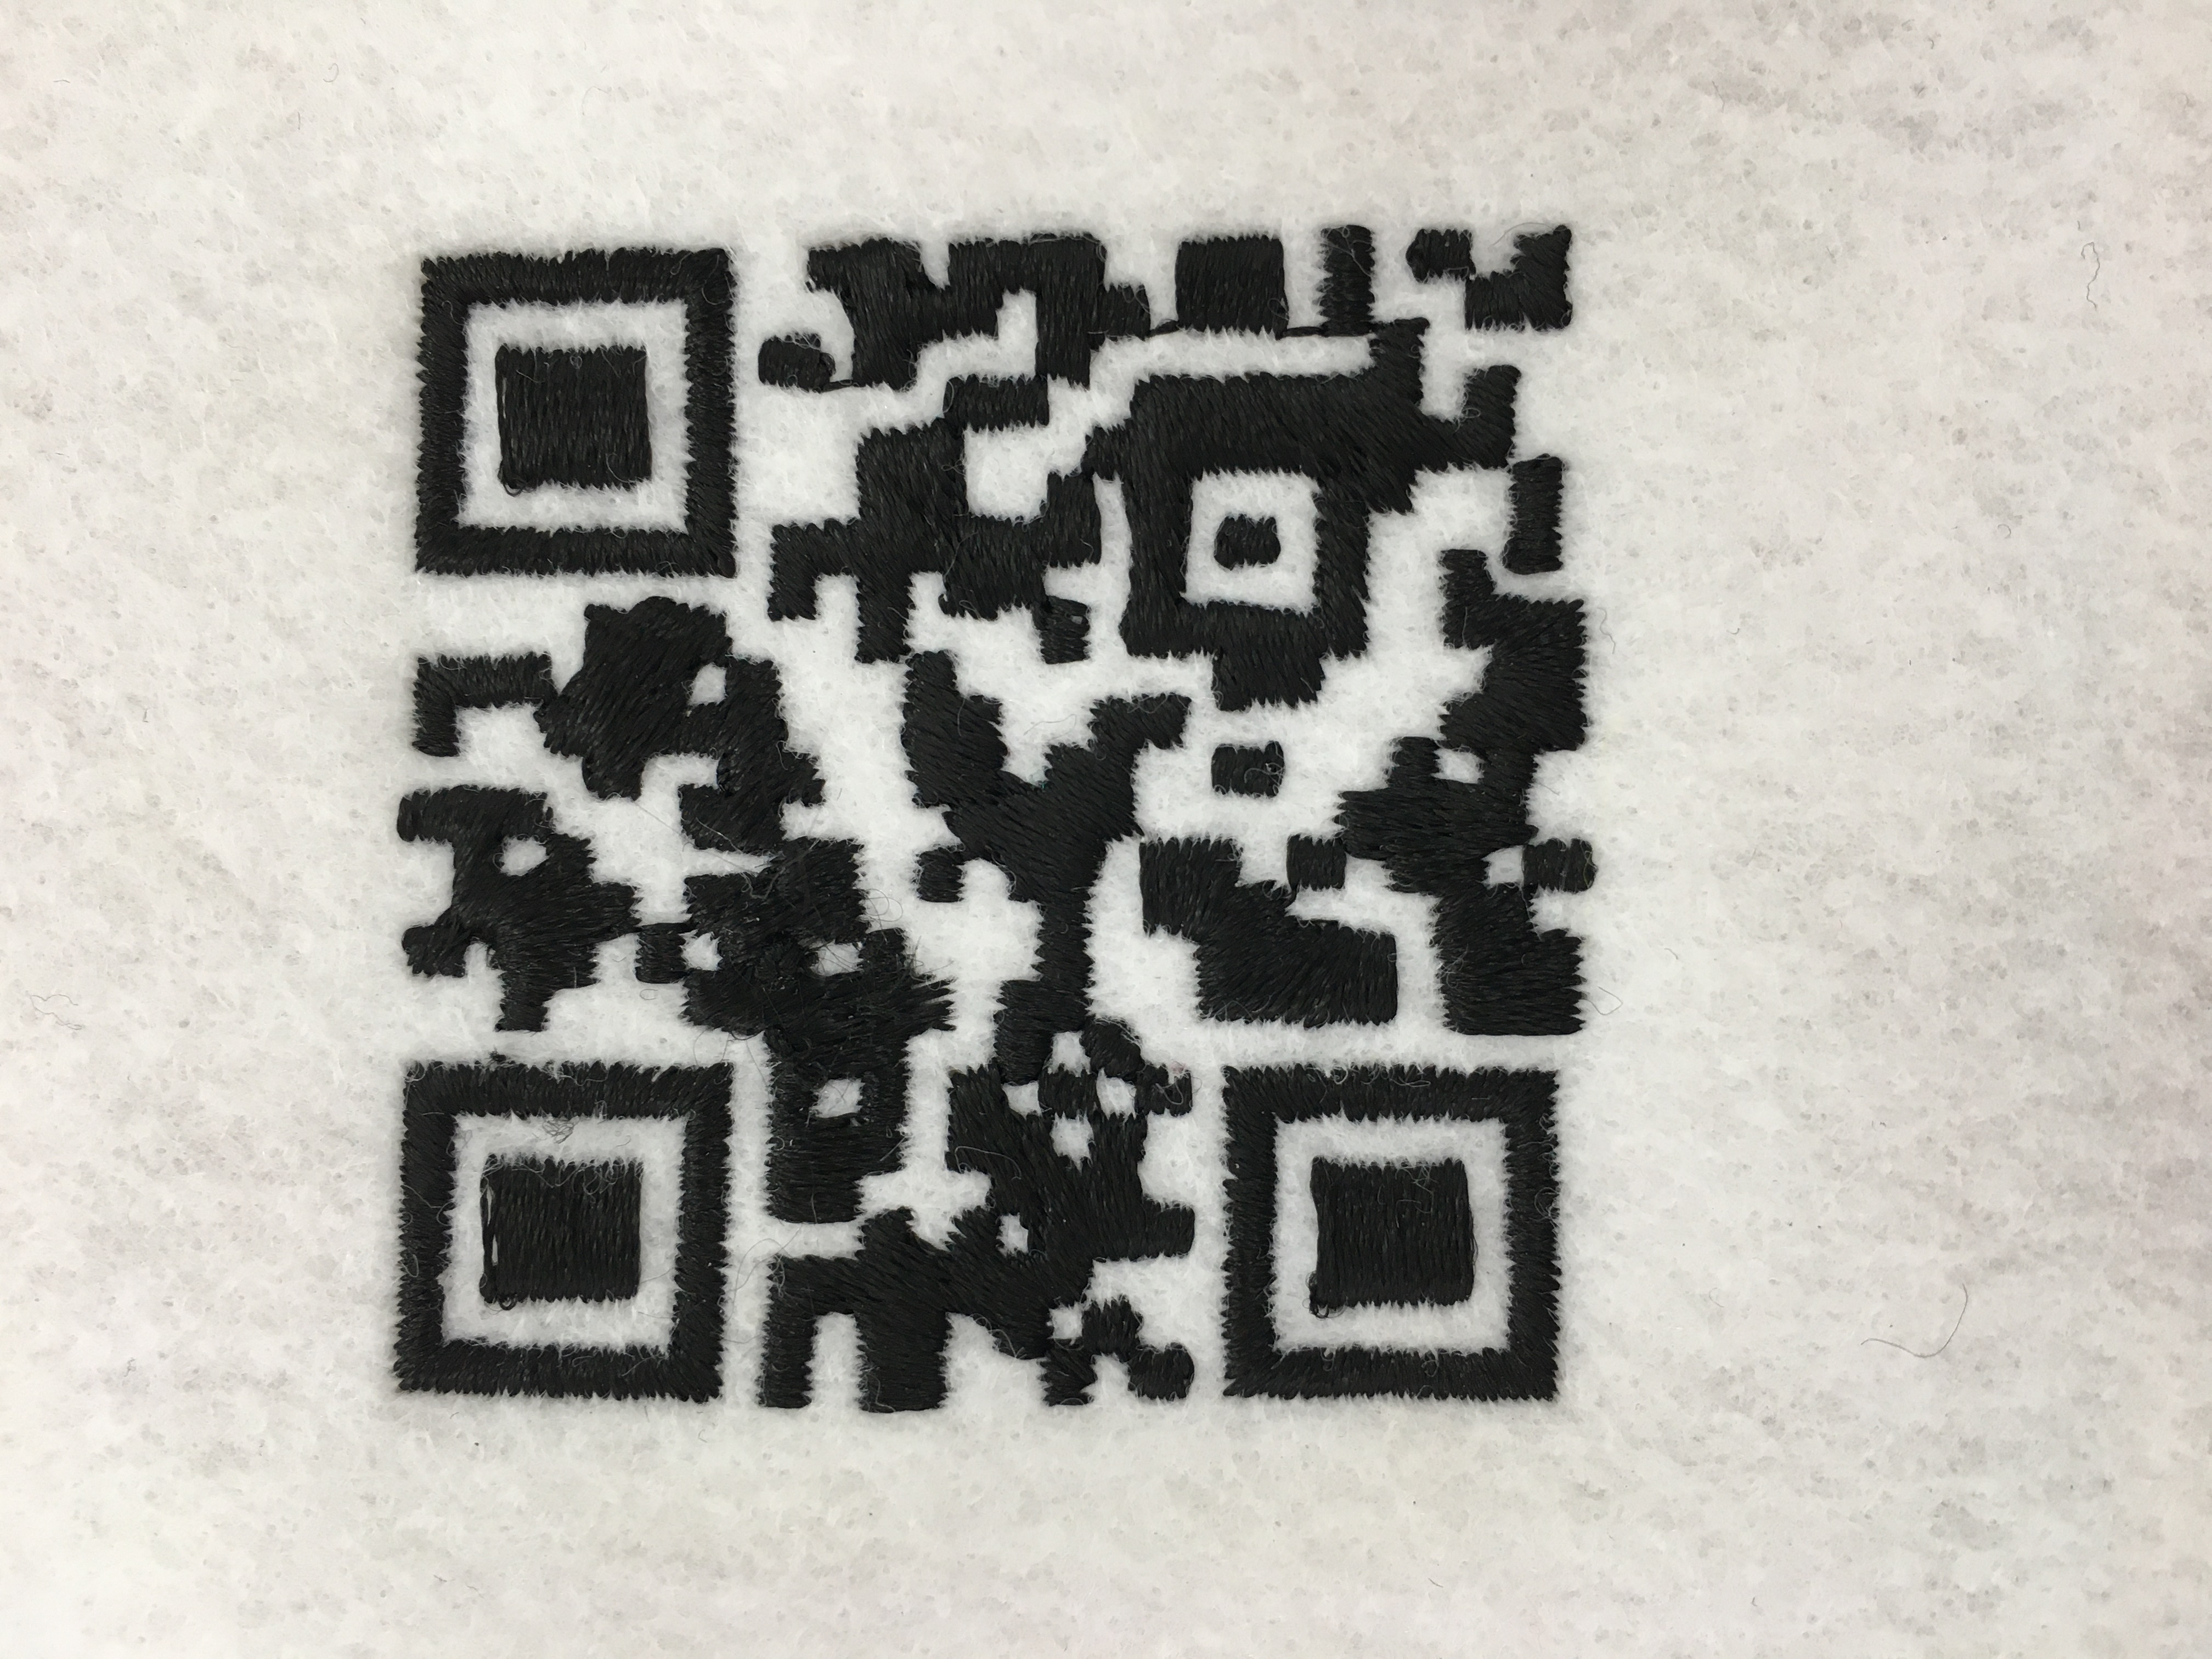 QRコードも刺繍で